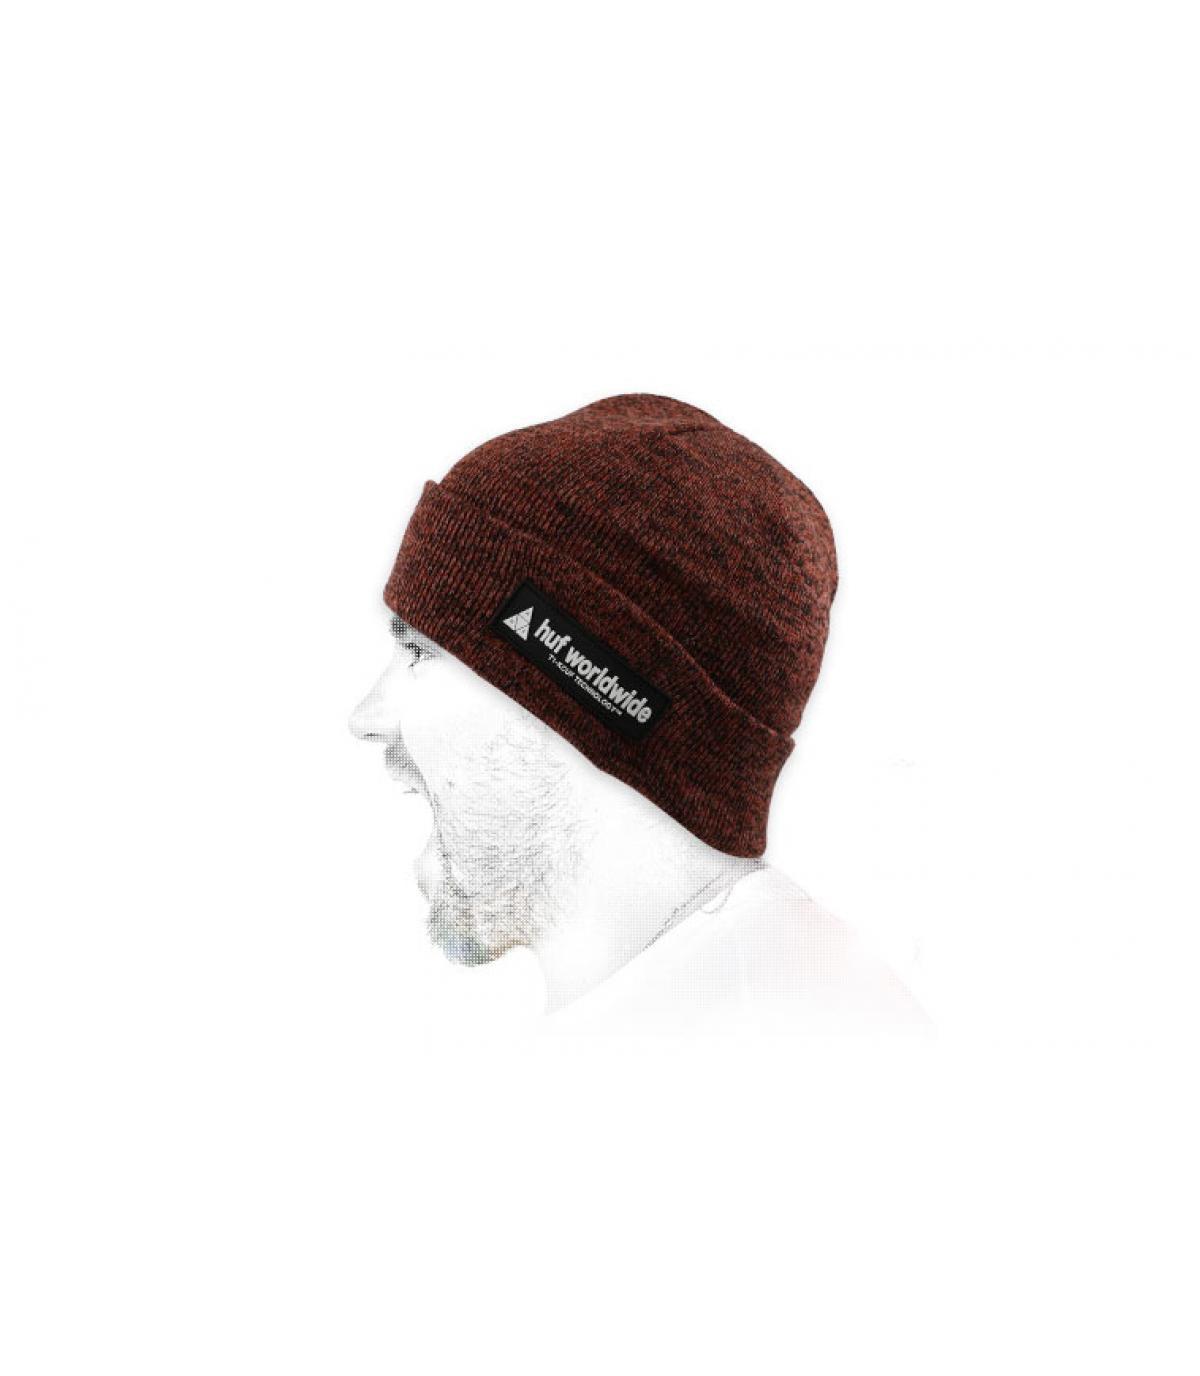 cappello bordeaux bordeaux Huf